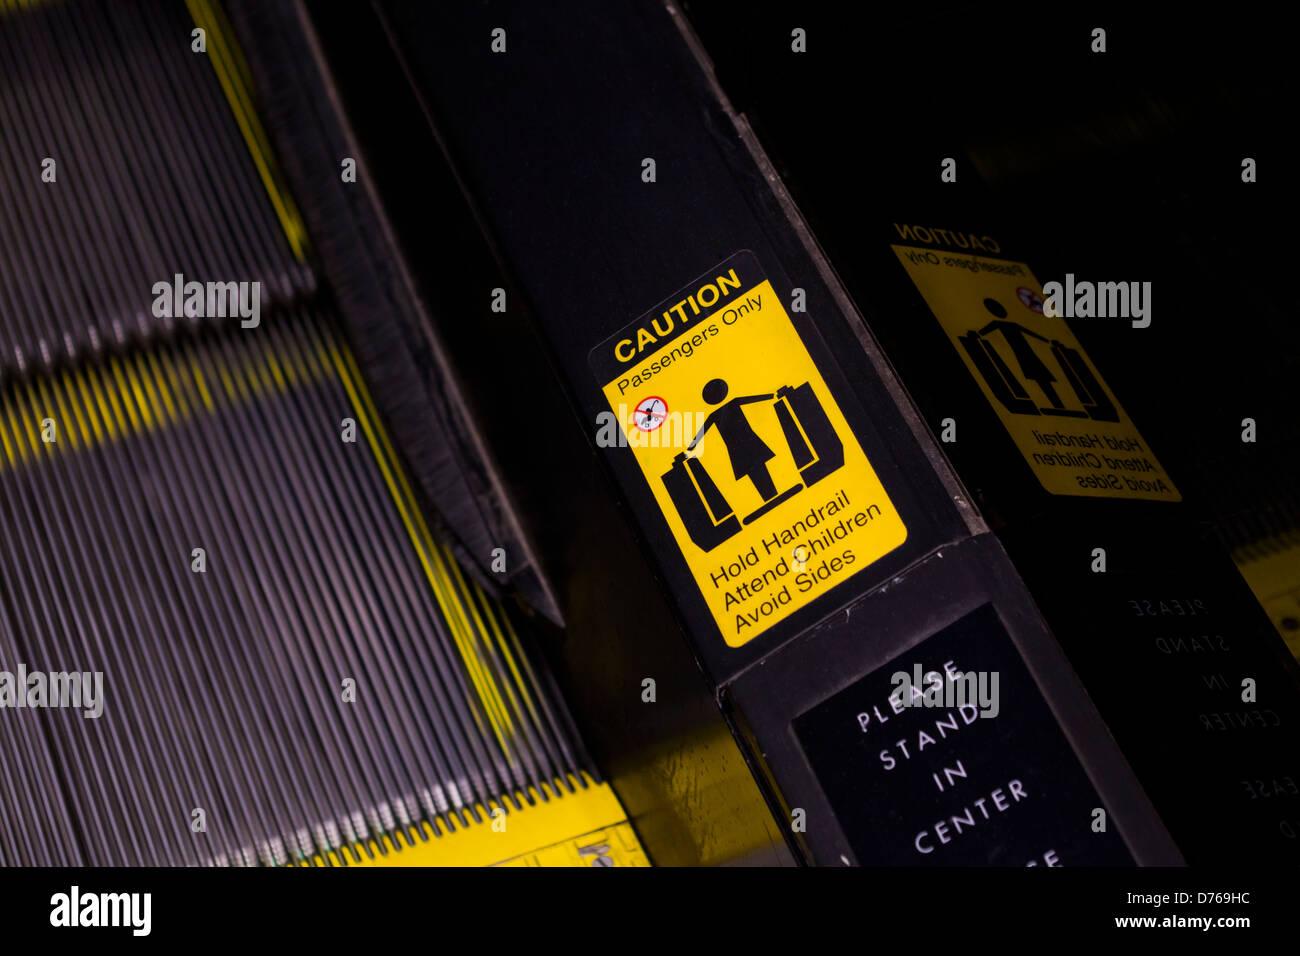 Escalator etichetta di avvertenza Immagini Stock